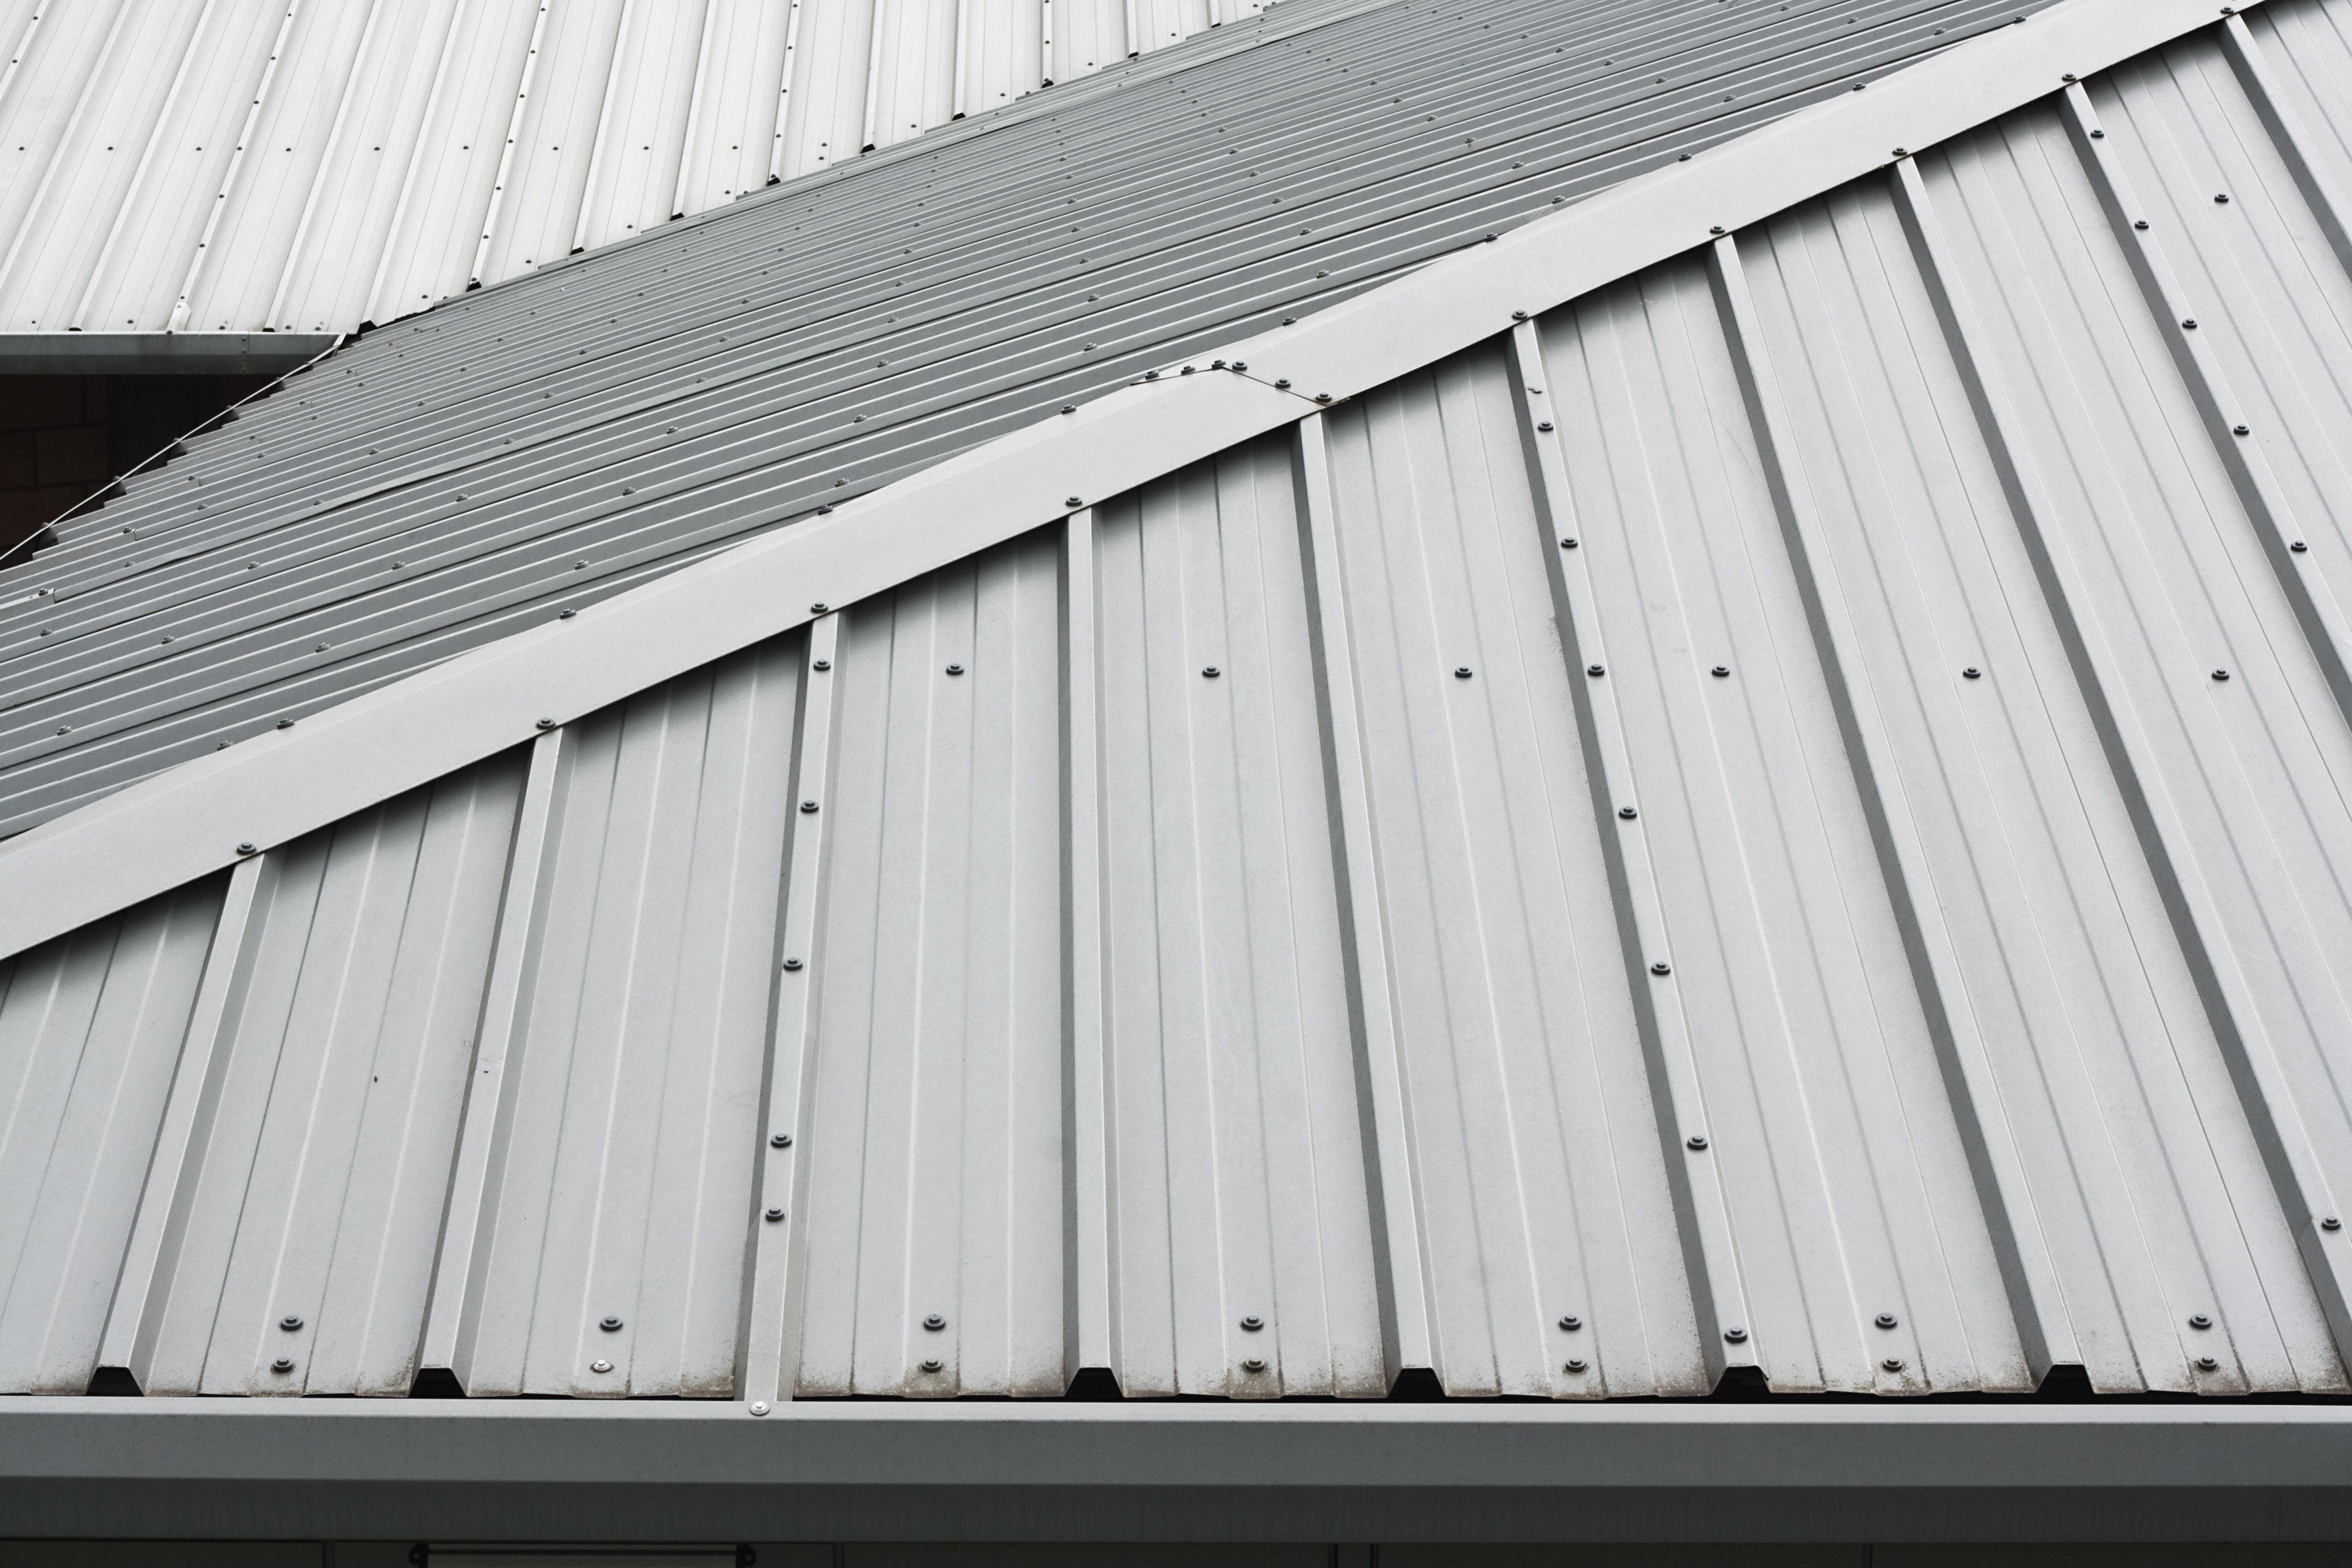 Cubierta de panel sándwich de falso techo: Catálogo de OUTLET PANEL SANDWICH